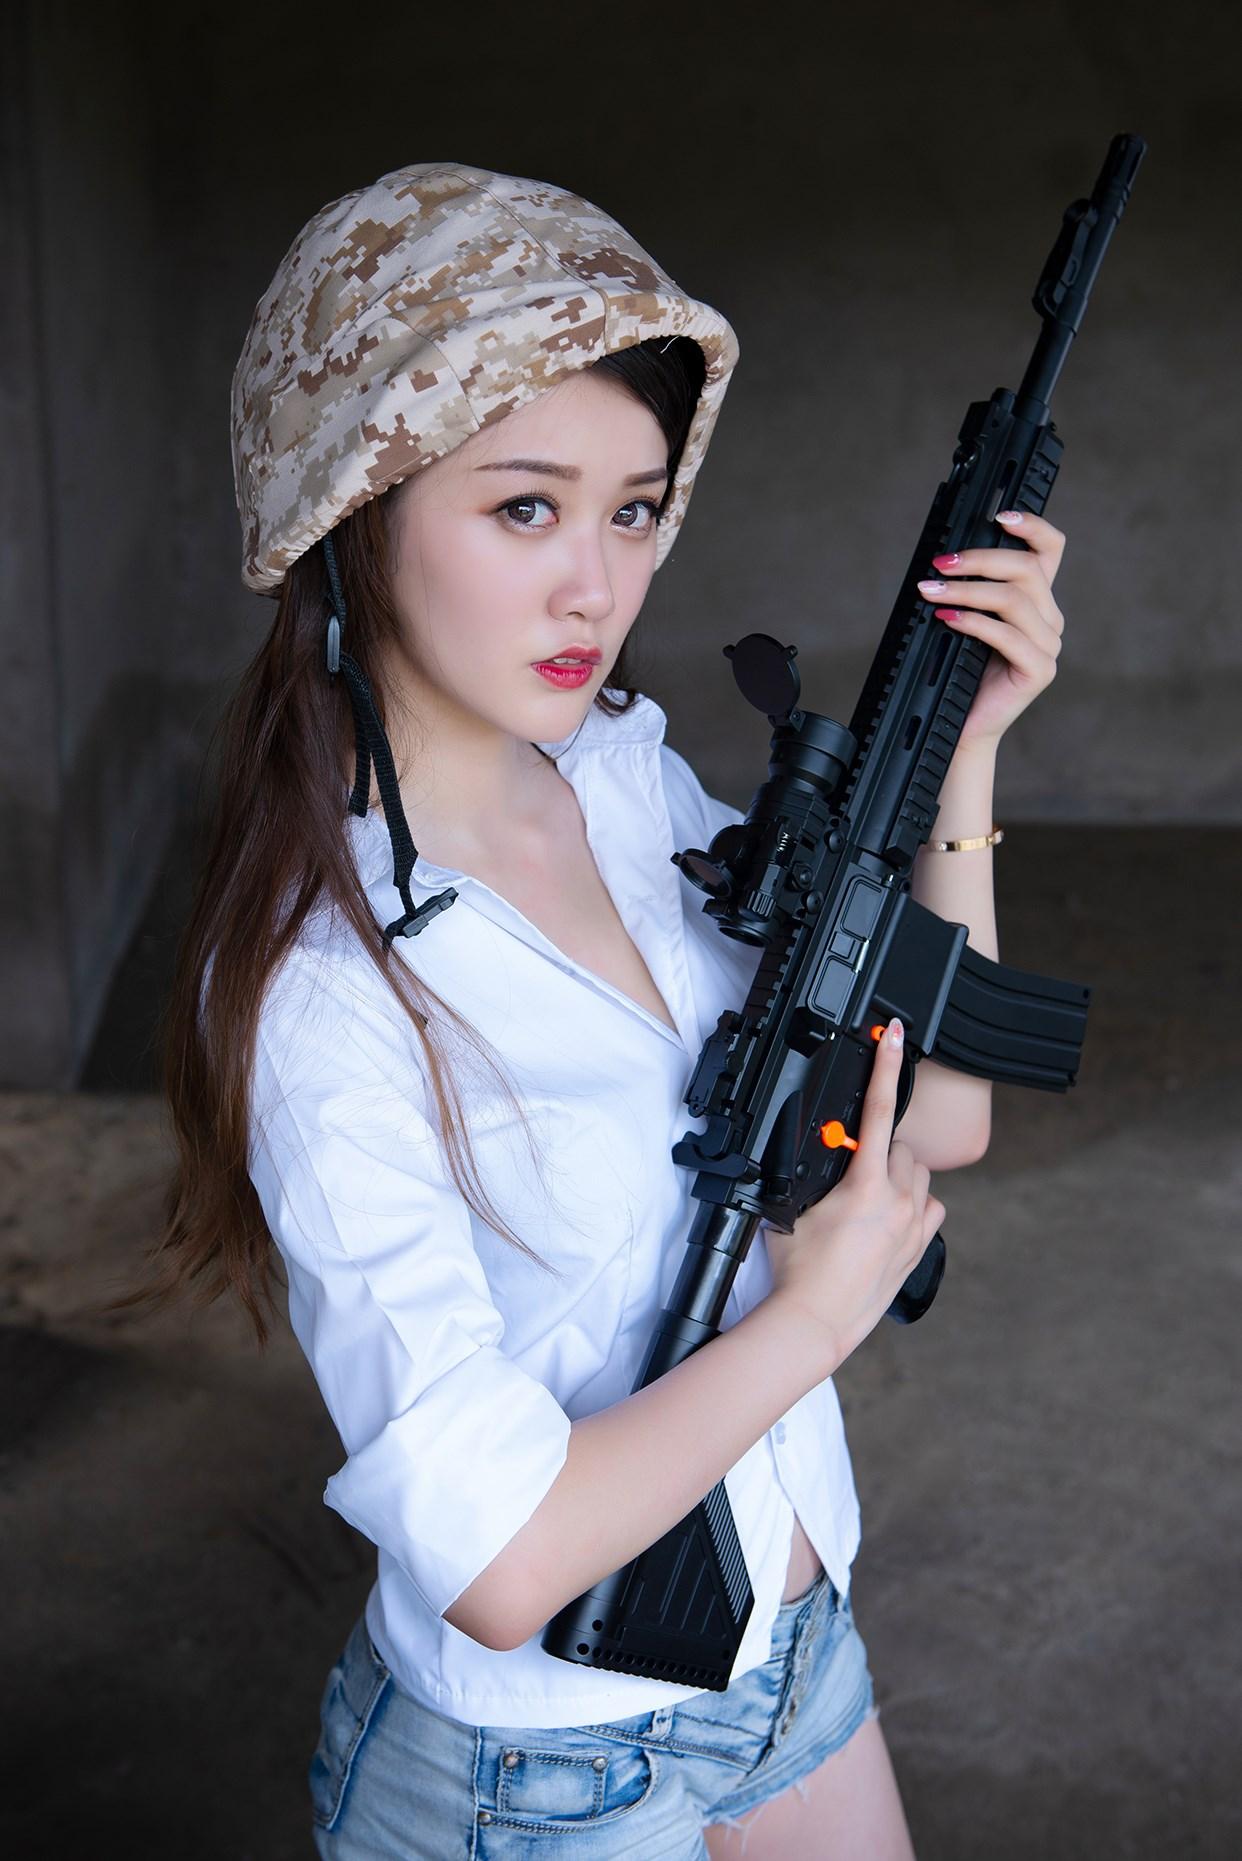 【兔玩映画】狙击少女 兔玩映画 第20张